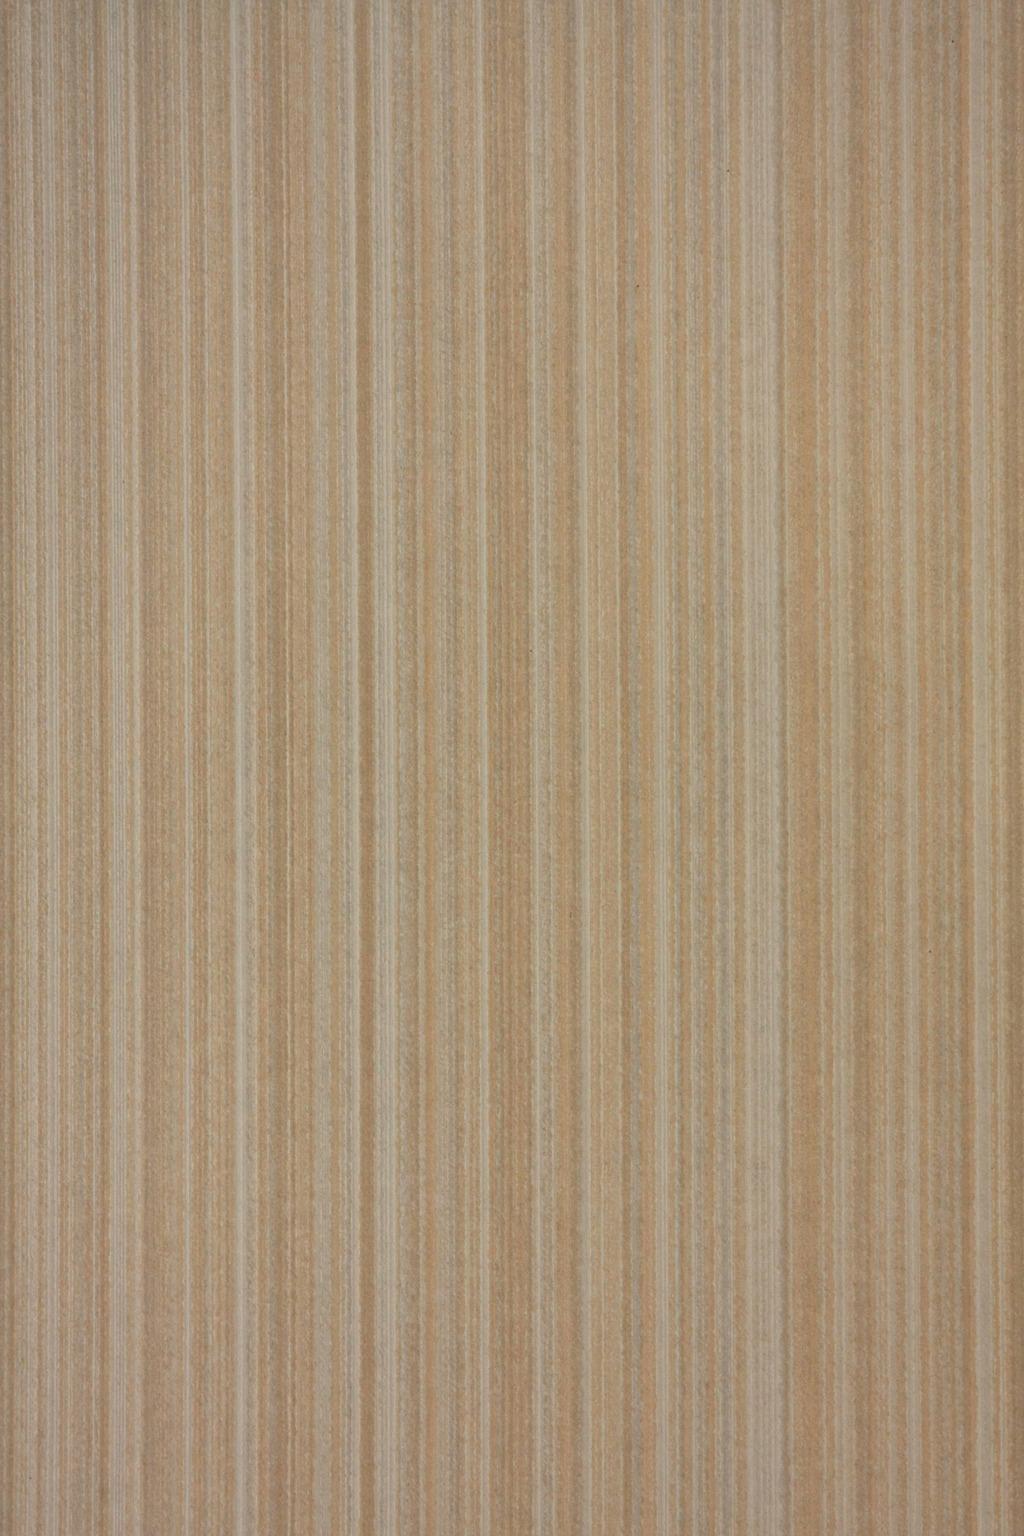 装饰素材 木地板